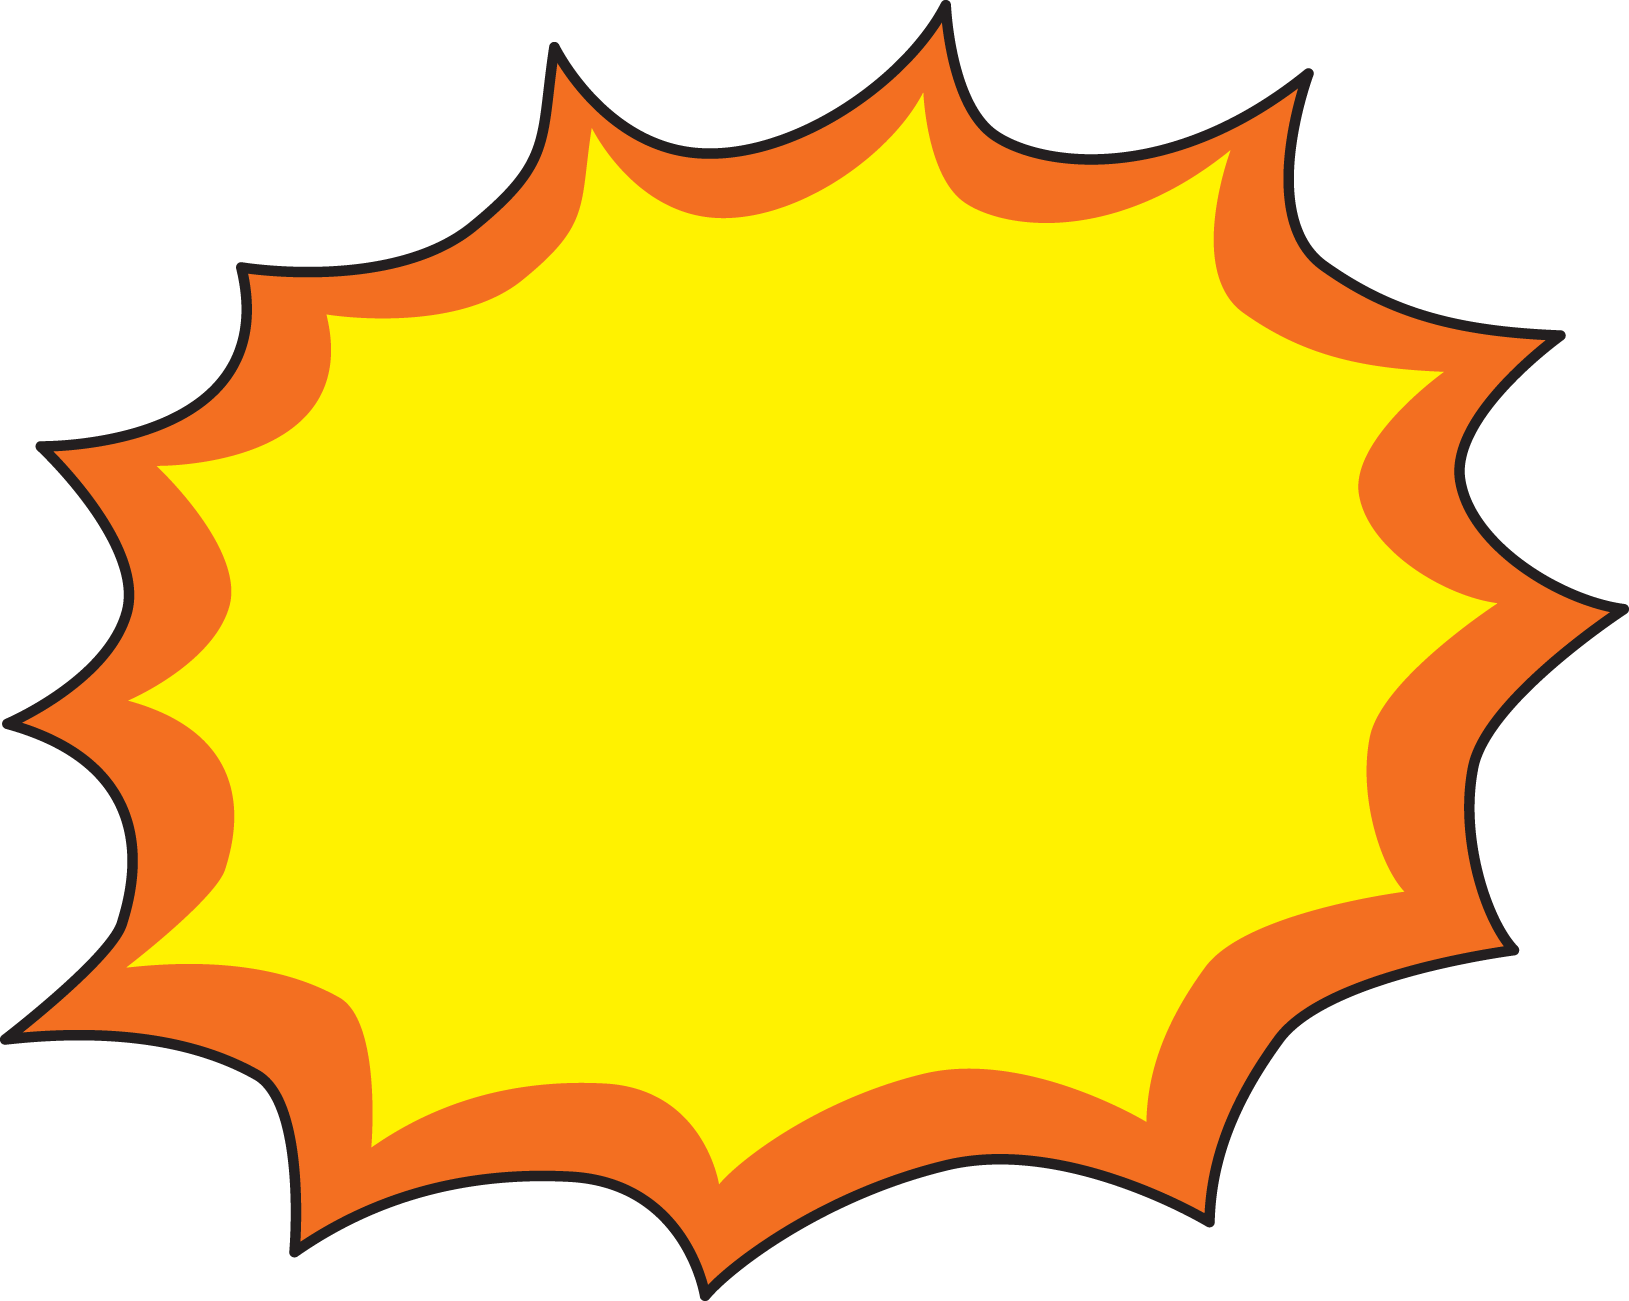 1629x1301 Orange Clipart Explosion